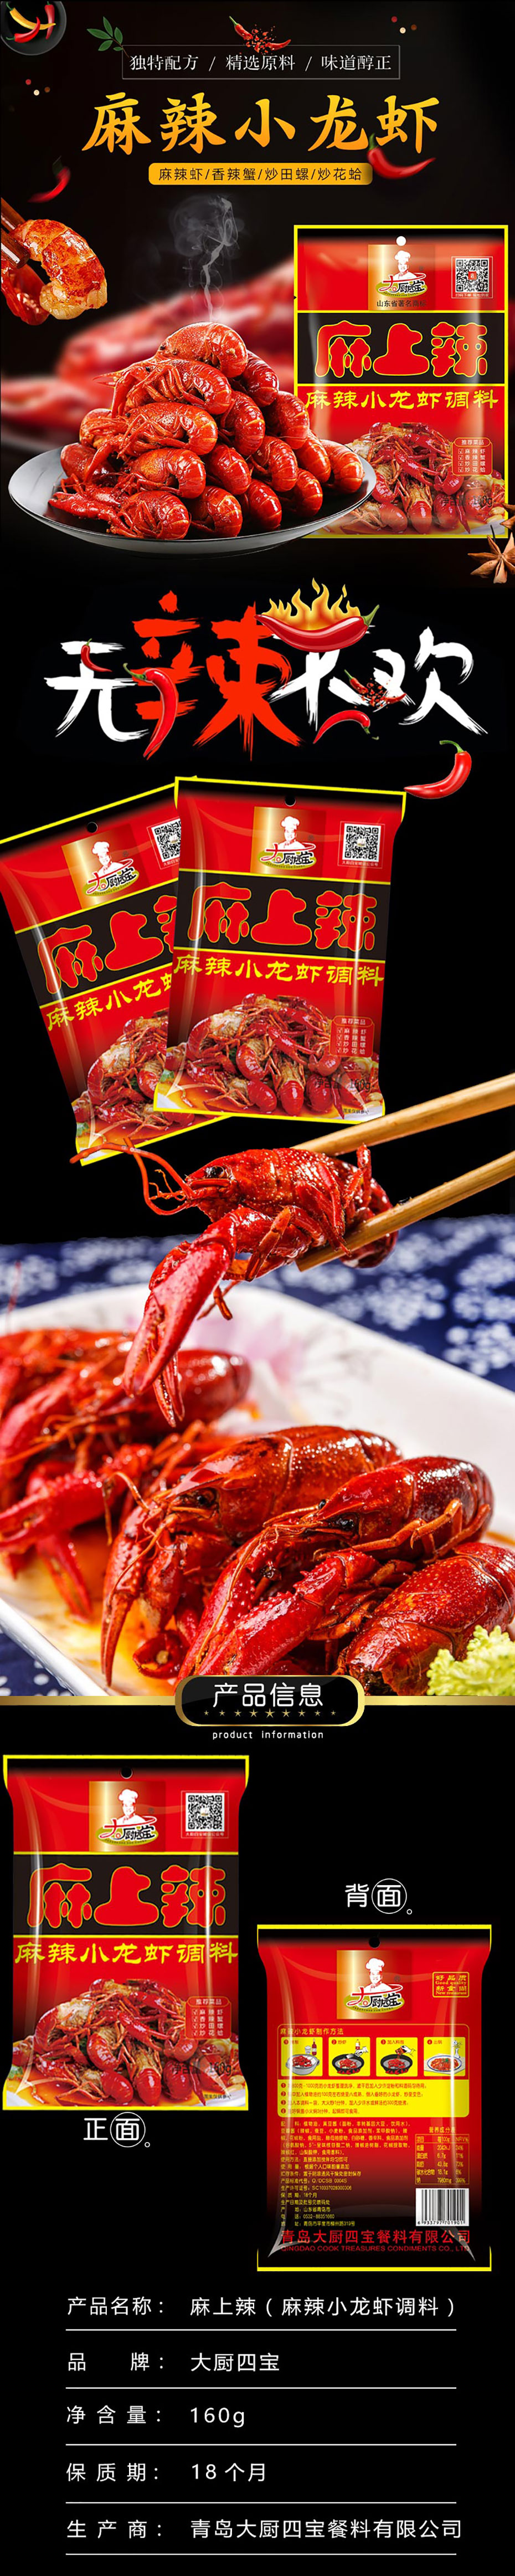 麻上辣麻辣小龙虾1